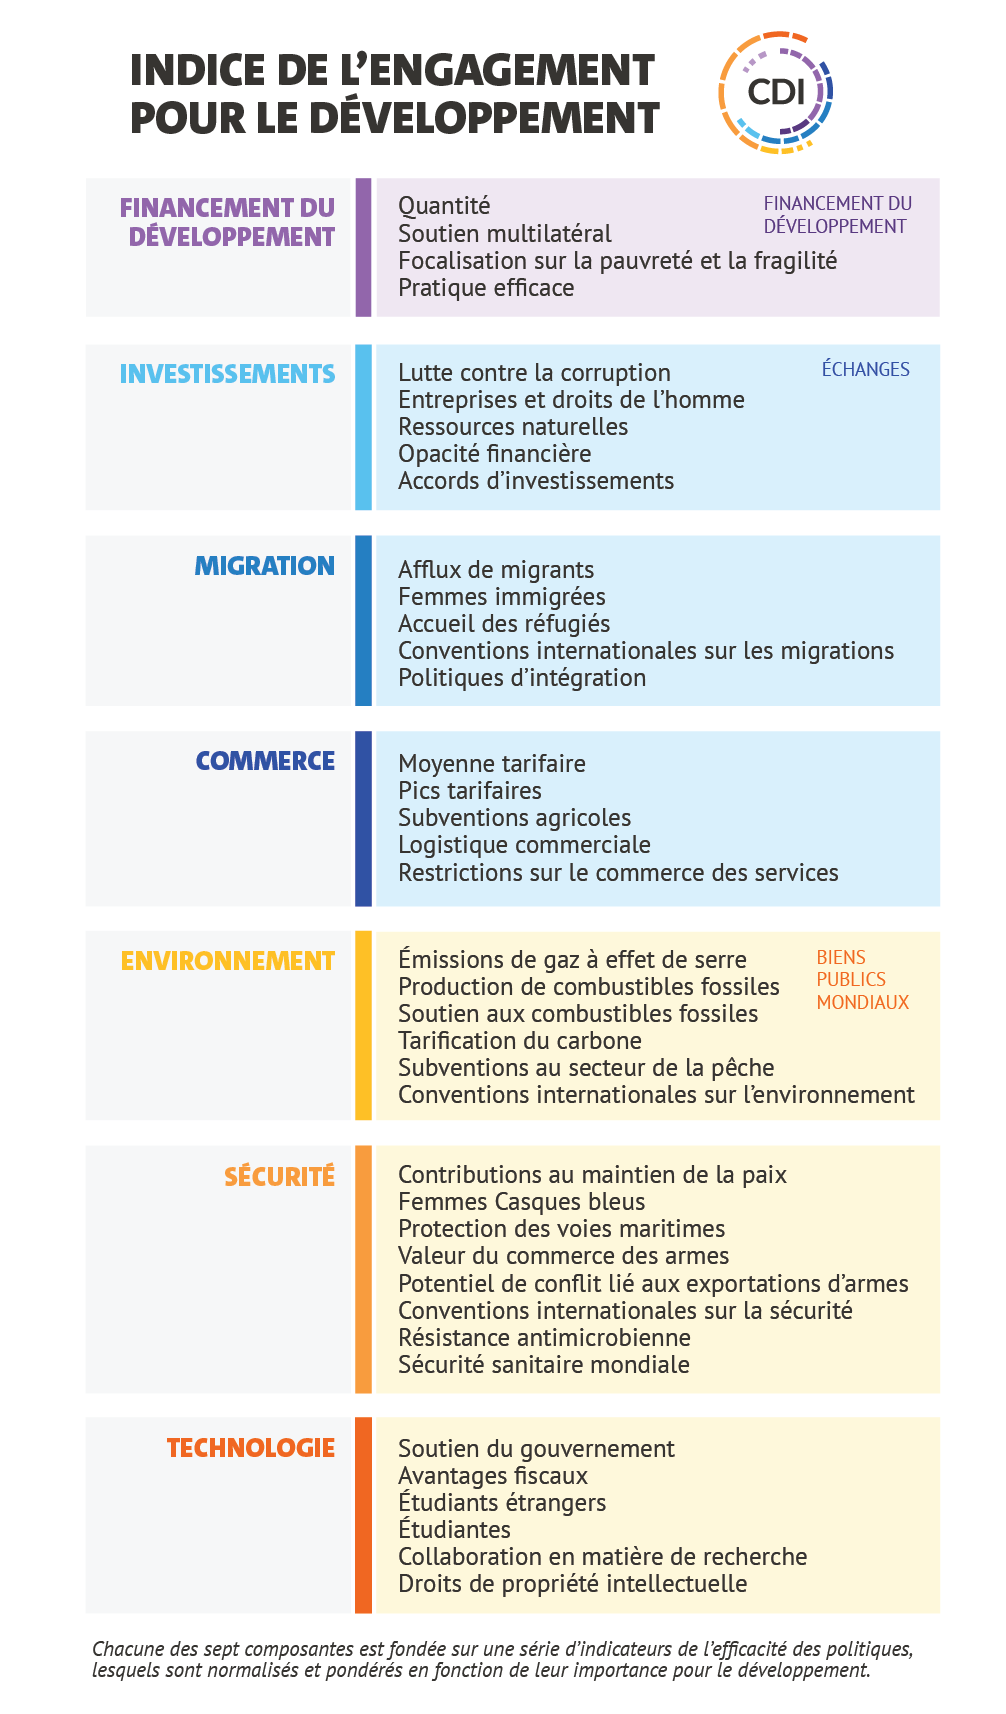 Indice de l'engagement pour le développement 2020 - Organogram<br />